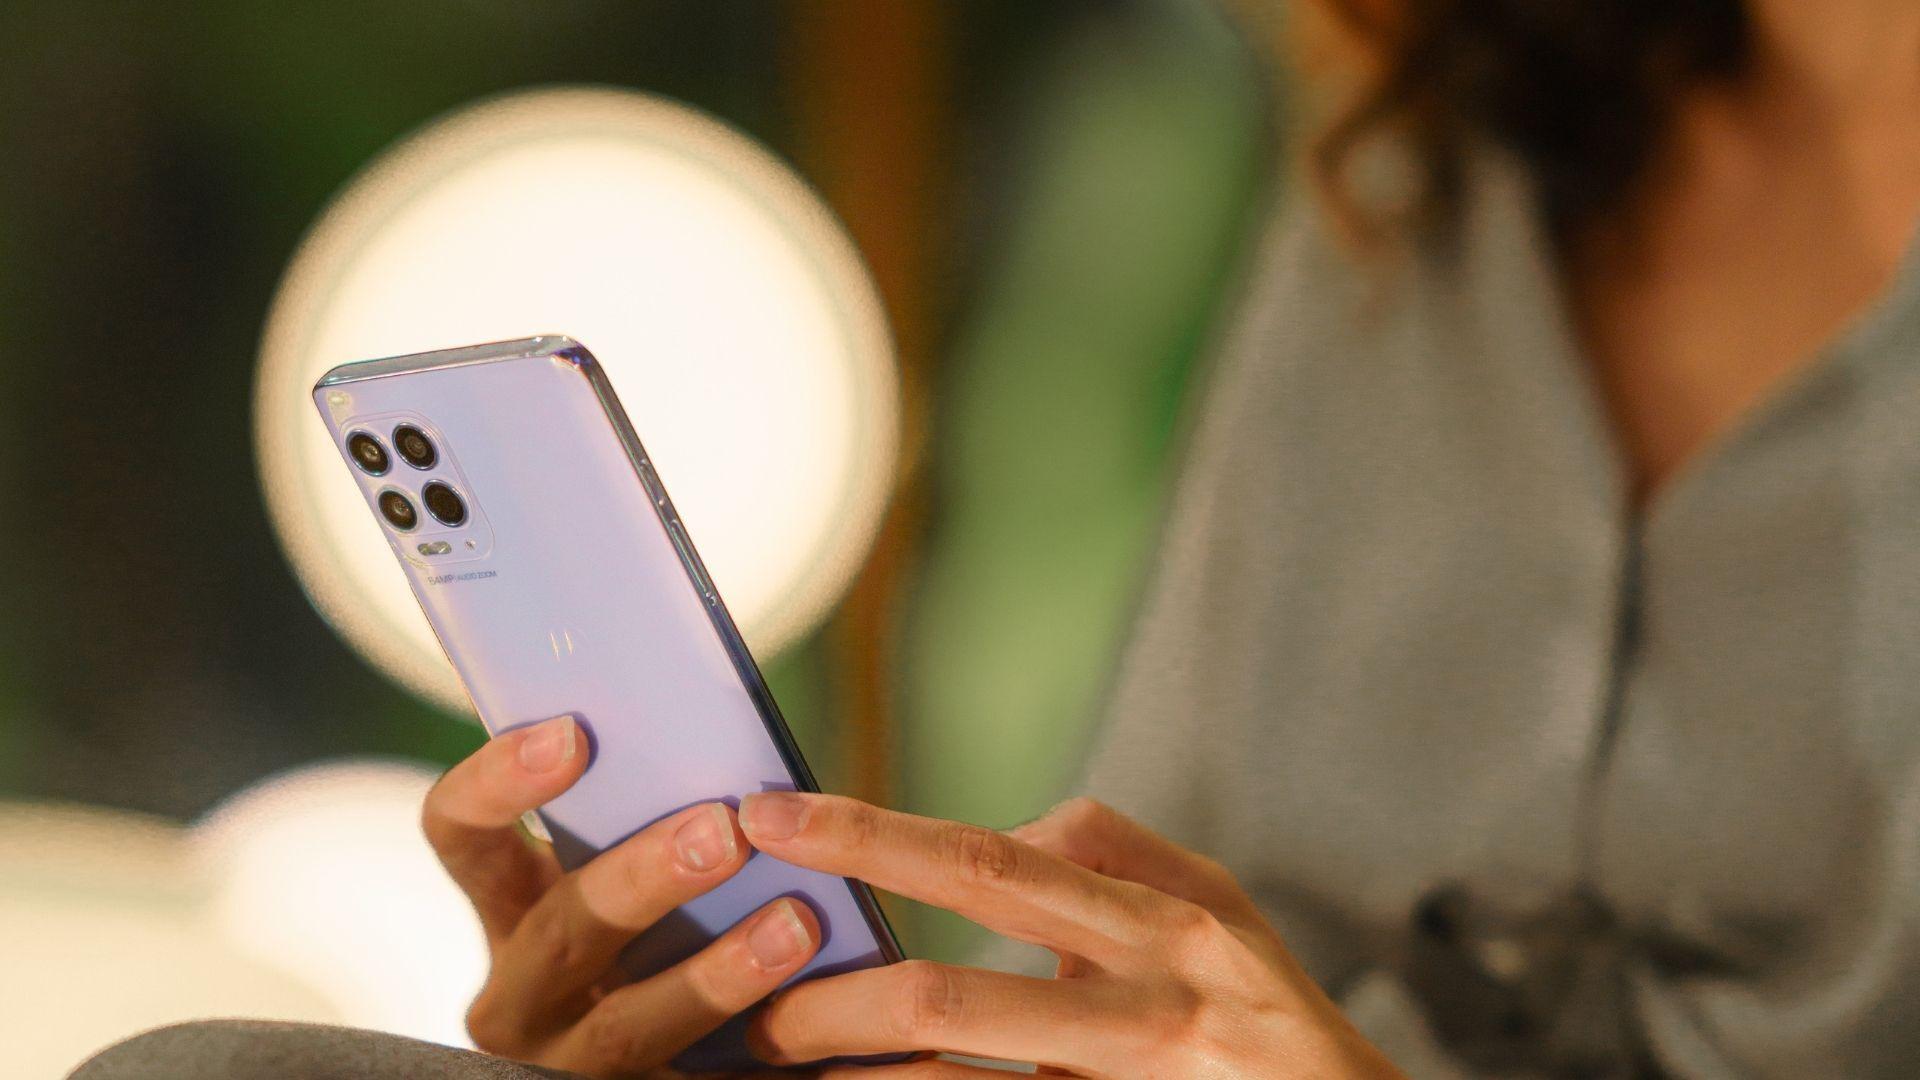 Melhores celulares 2021: Moto G100 tem armazenamento de 256 GB (Foto: Divulgação/Motorola)